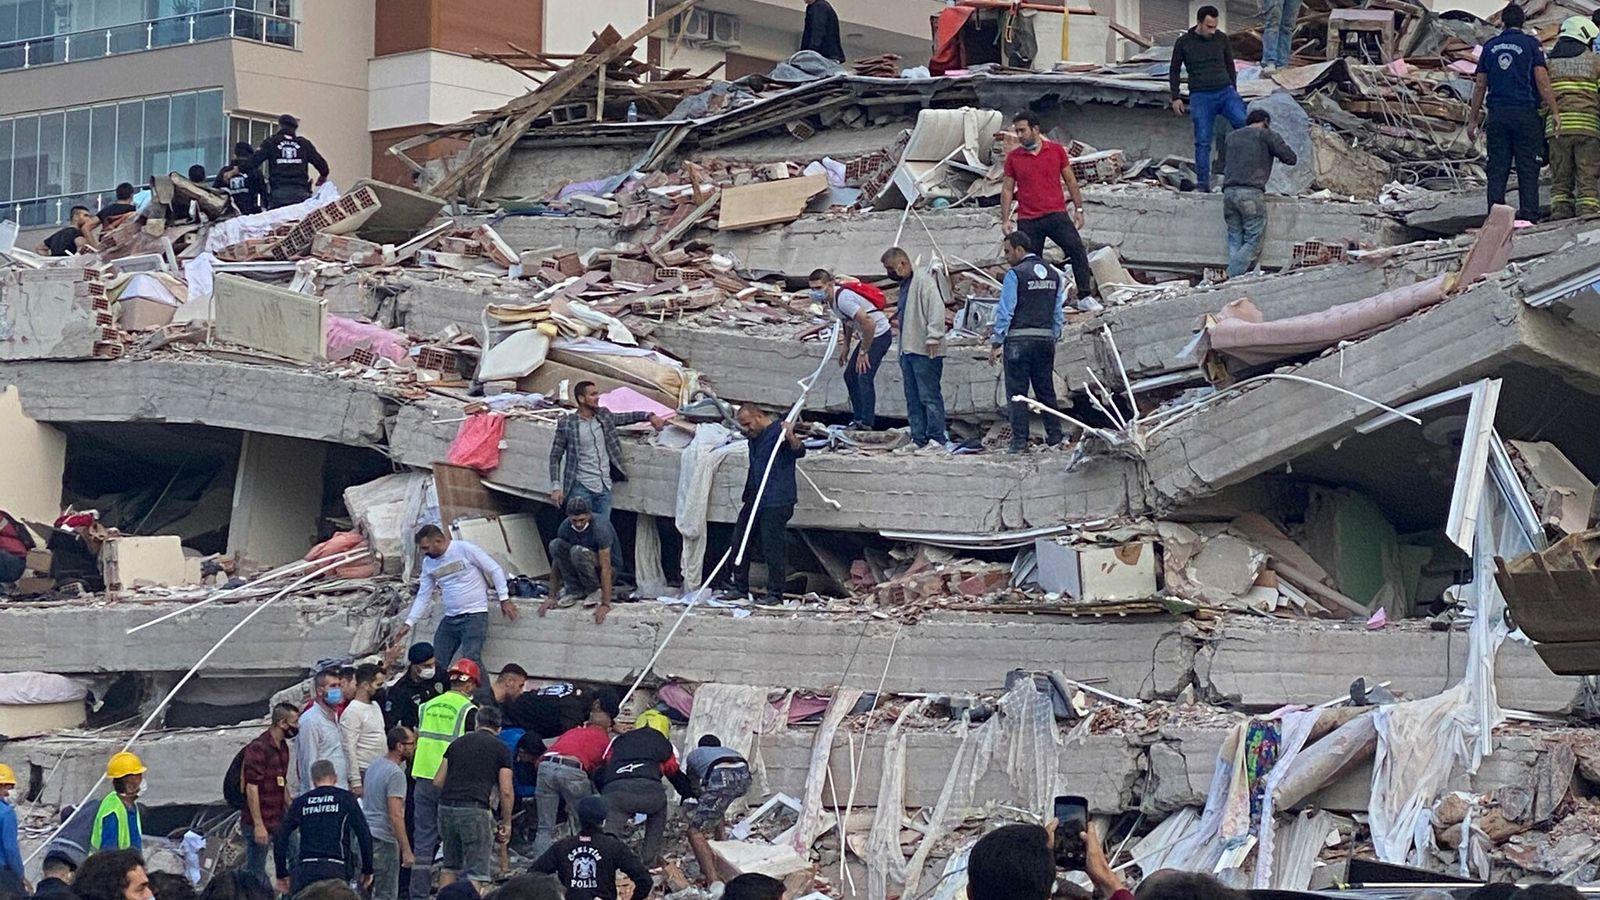 Secouristes et locaux fouillent les décombres d'un bâtiment effondré à la recherche de survivants à Izmir, ...